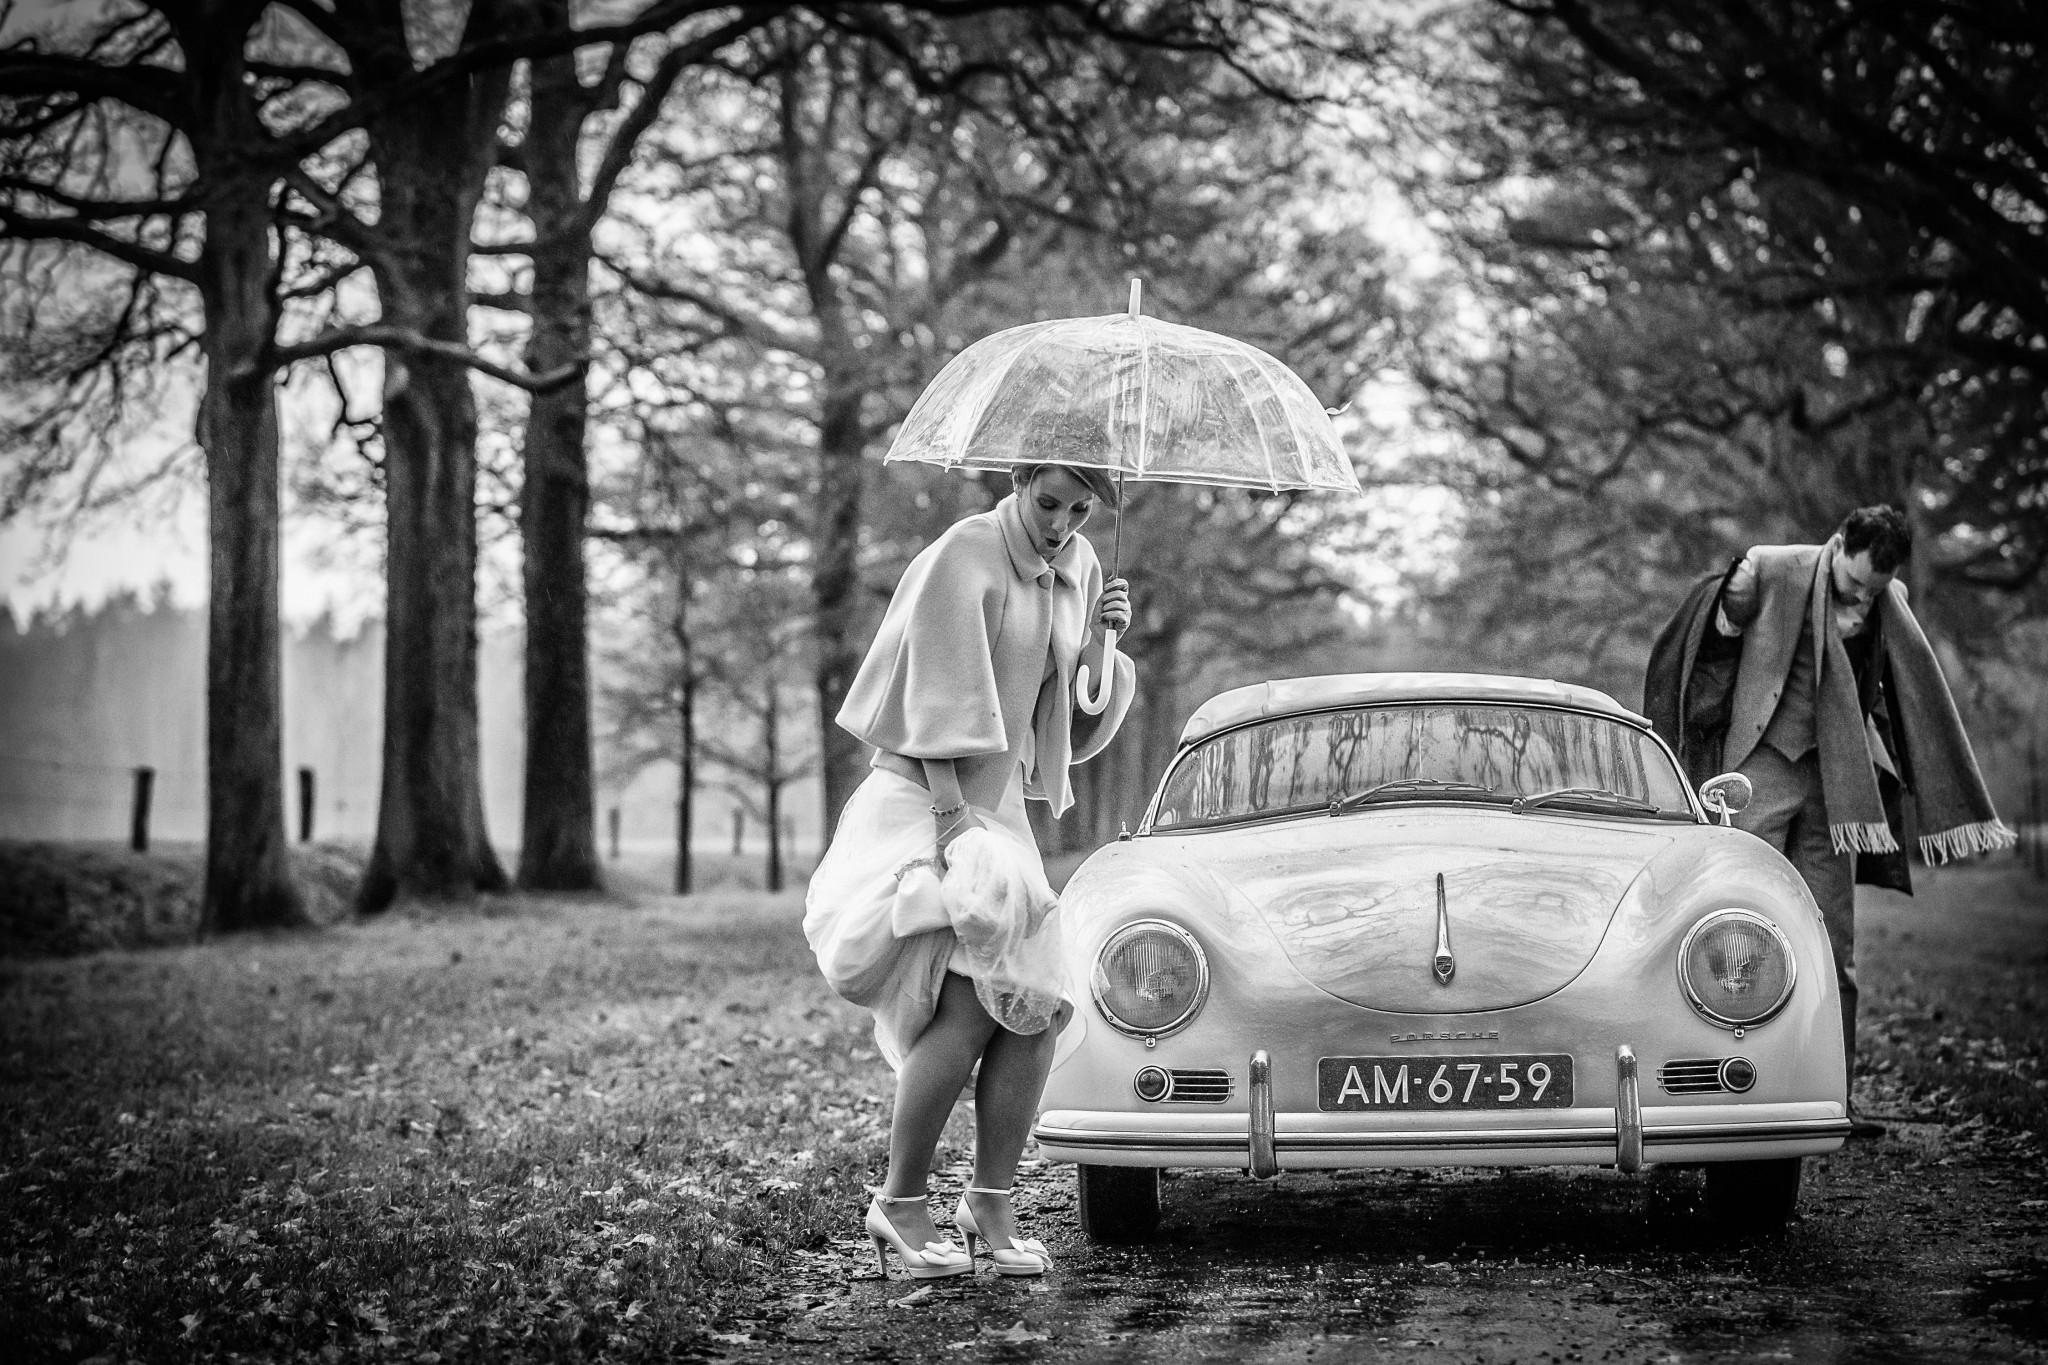 Herfstbruiloft | Trouwen in de herfst | Regen op je bruiloft | Trouwfoto's met paraplu | Trouwfoto in de regen